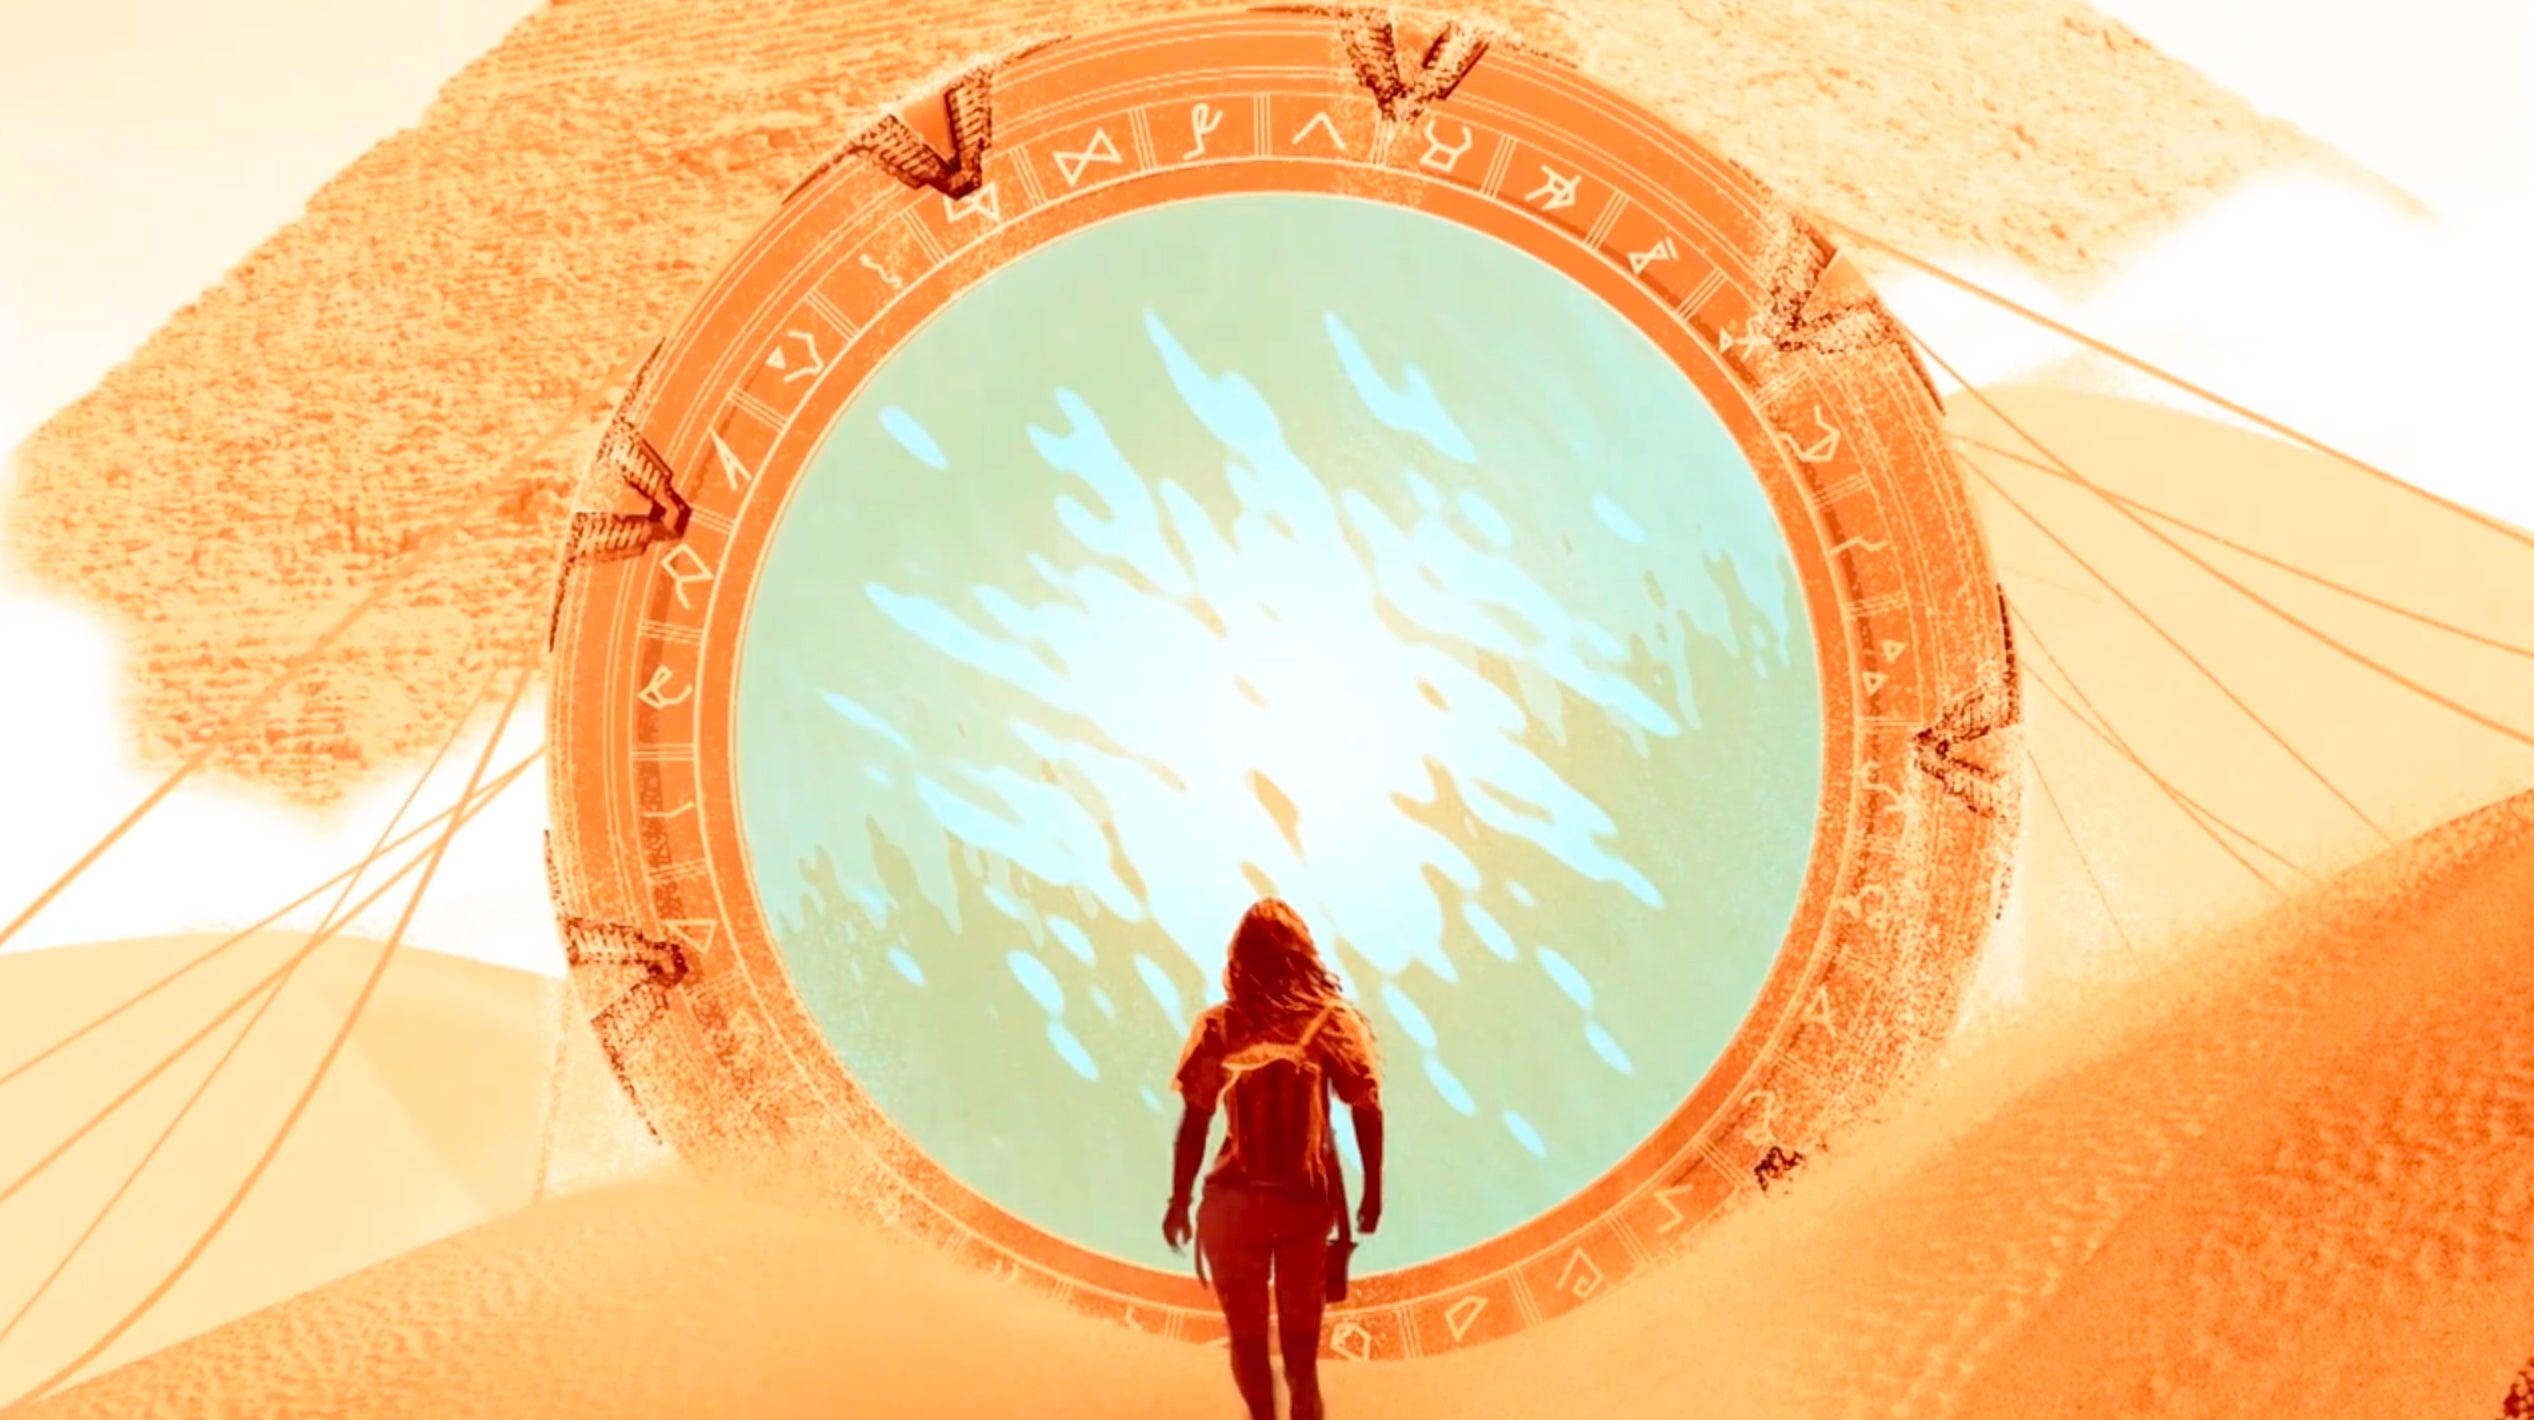 Stargate - Magazine cover